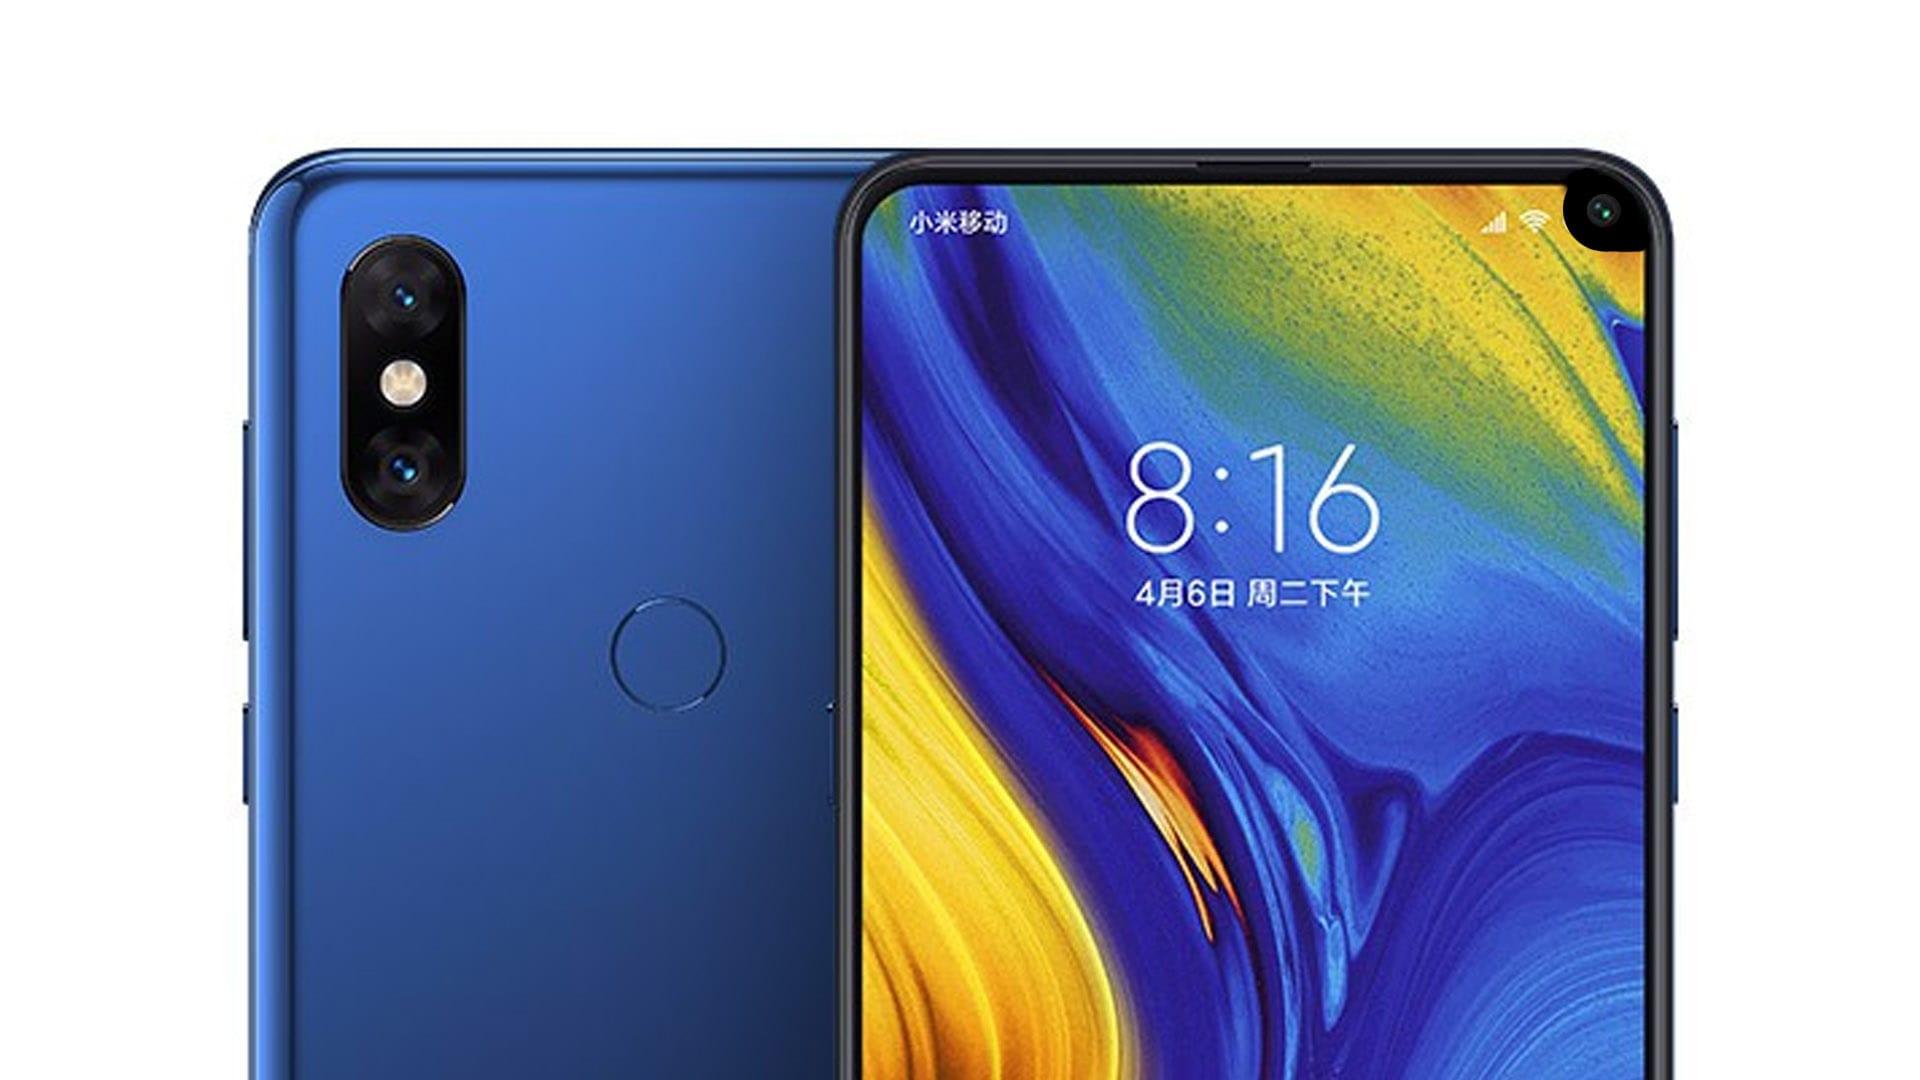 شركة Xiaomi تُسجل براءة إختراع جديدة لهاتف ذكي بكاميرات أمامية سيلفي في الركن العلوي